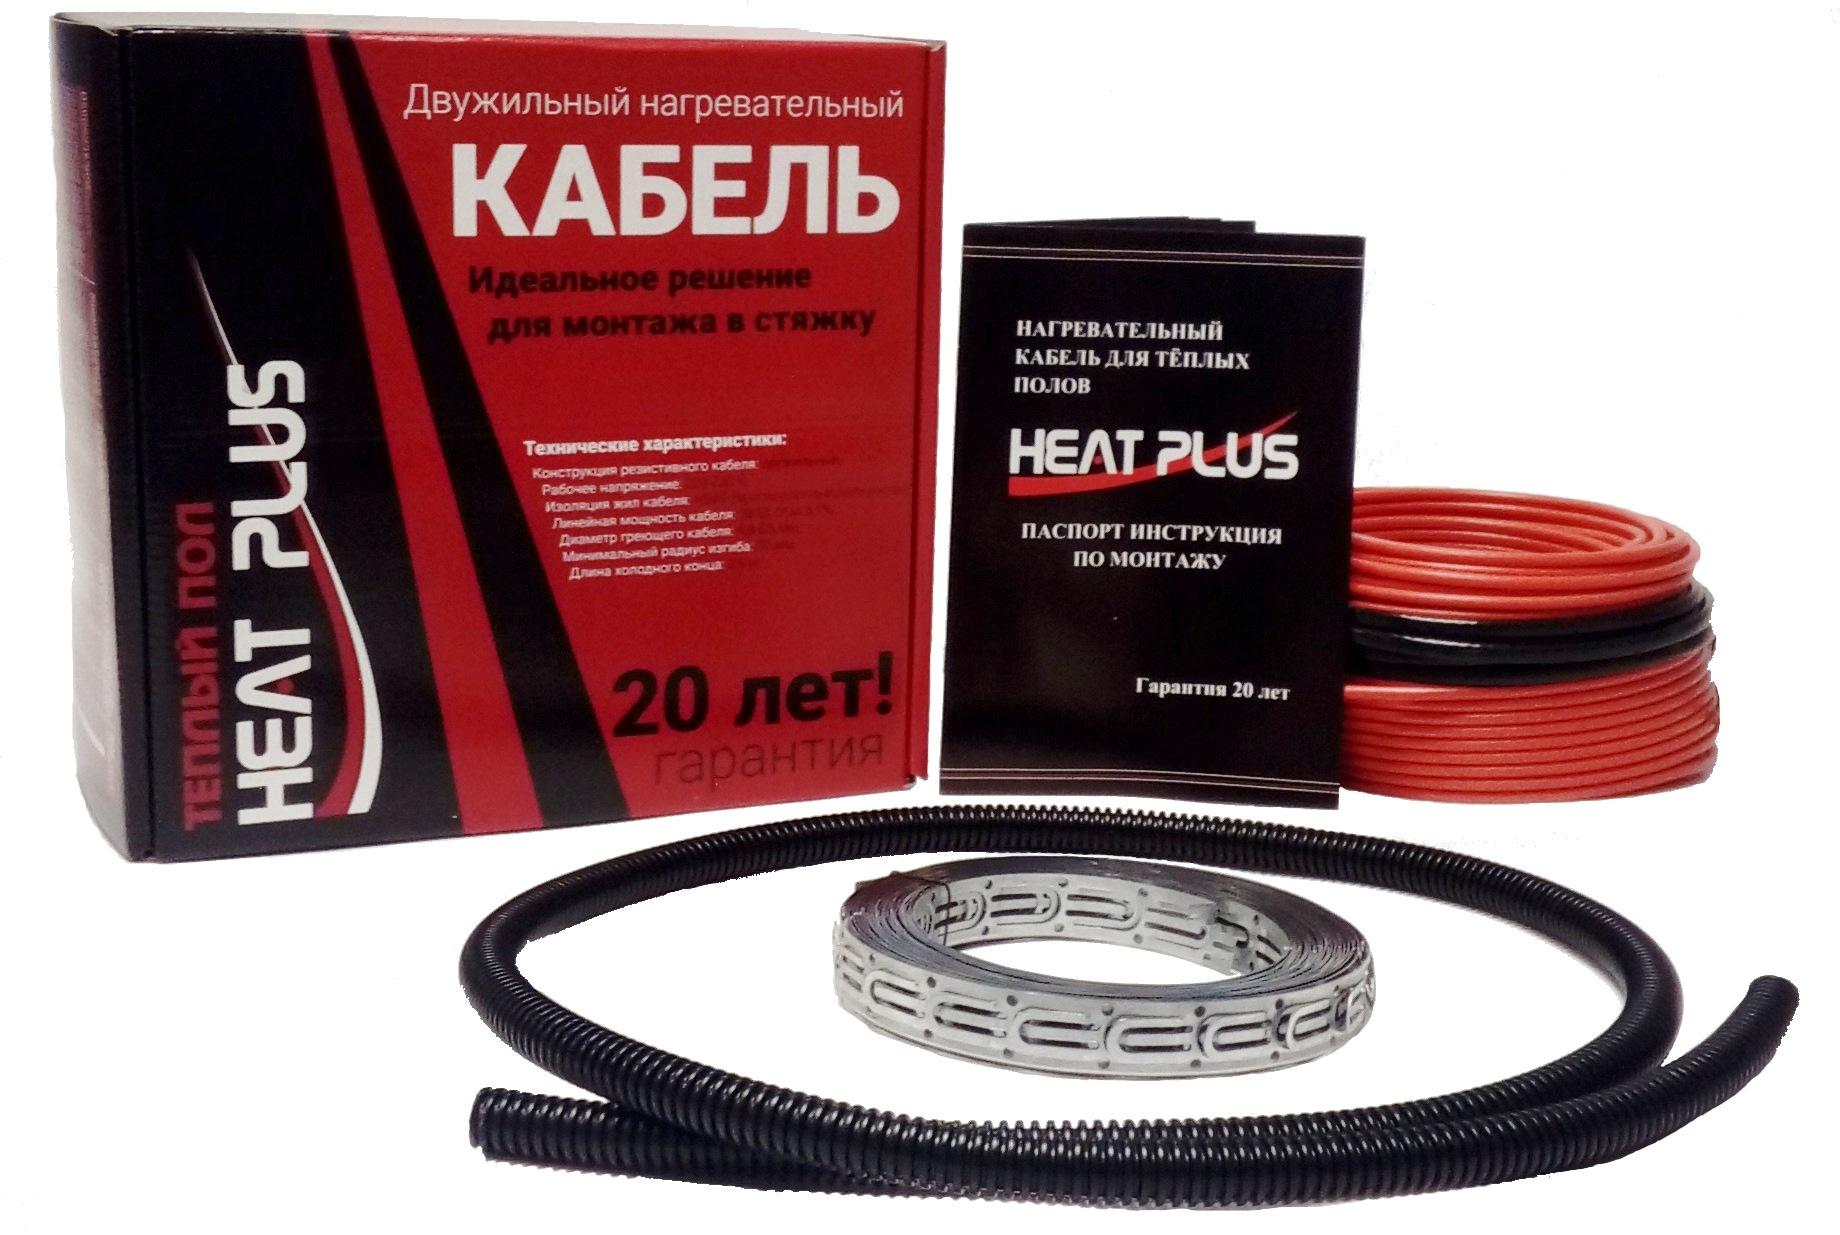 Двужильный нагревательный кабель HeatPlus 600Вт